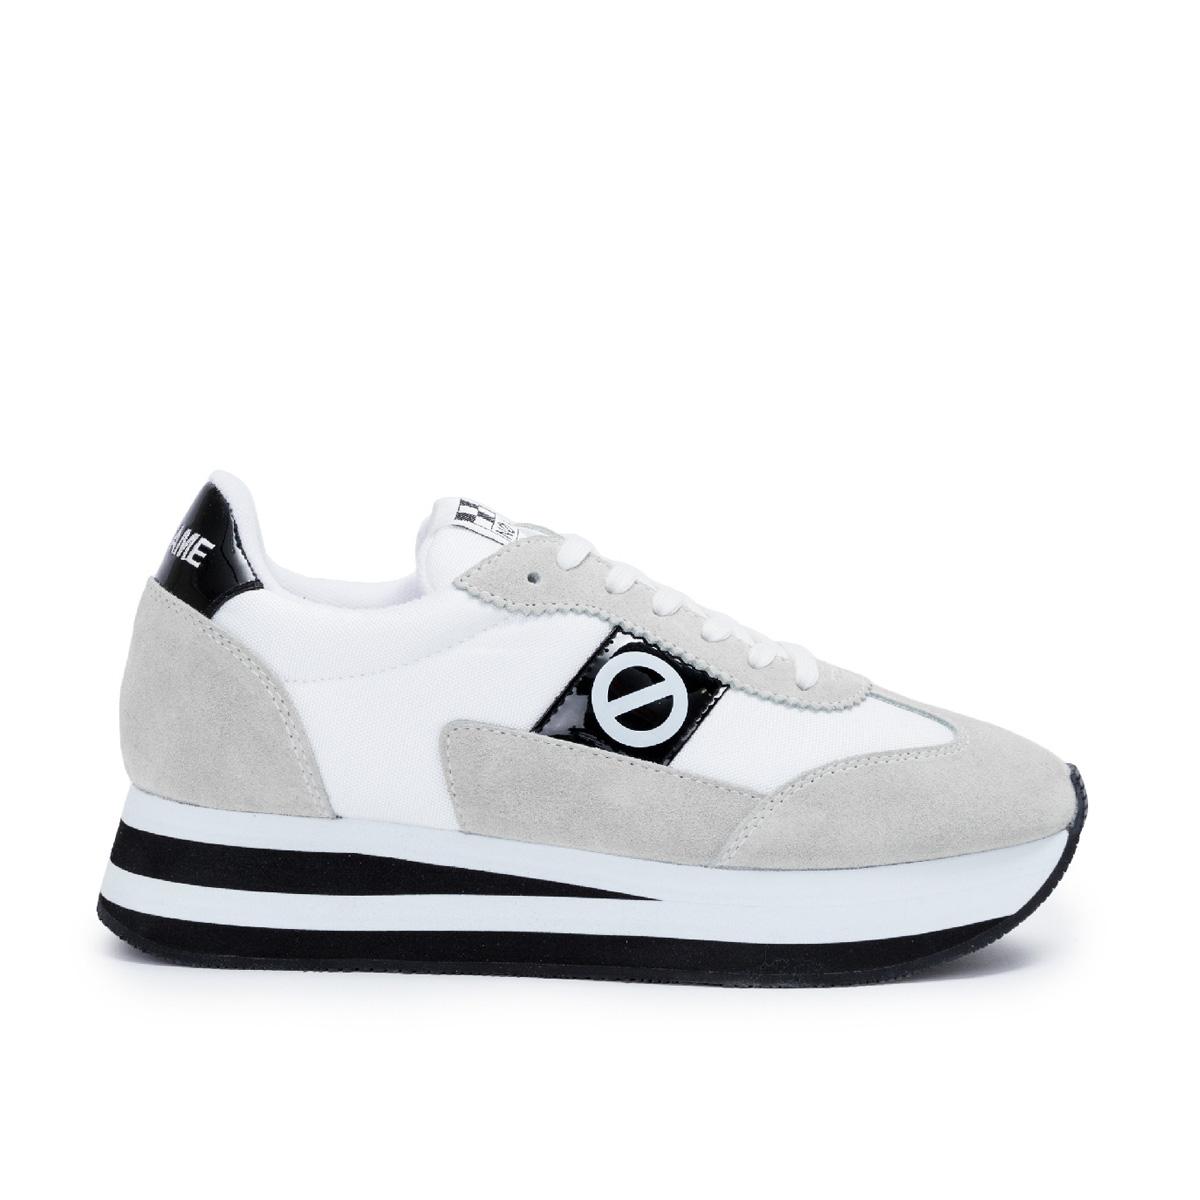 FLEX-01101-WHITE フレックス ホワイト ※36.38サイズは店舗共有